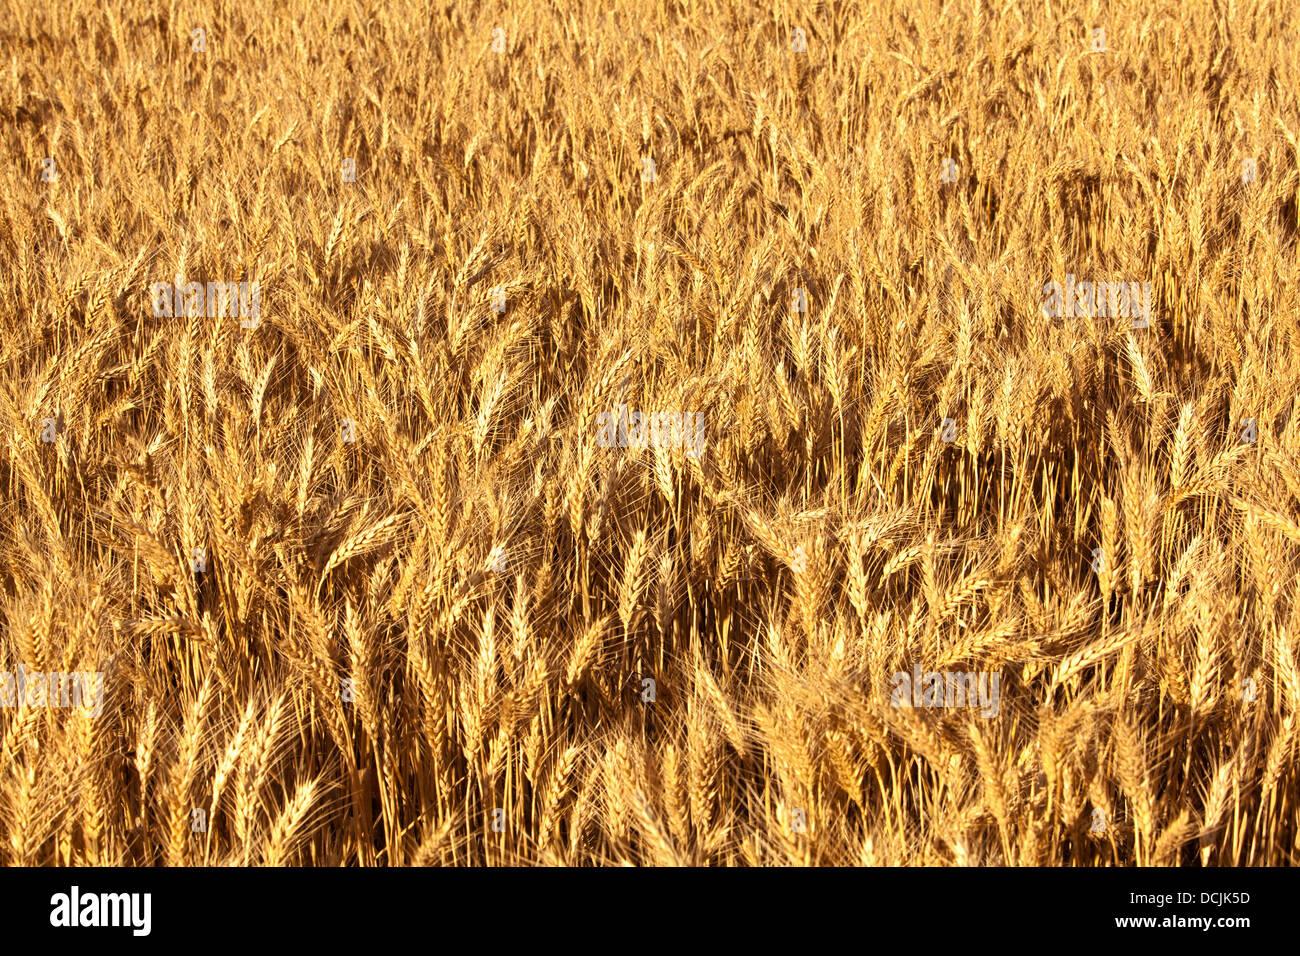 Prêt pour la récolte de blé dans la région de terres agricoles dans le milieu au nord de l'Australie Photo Stock